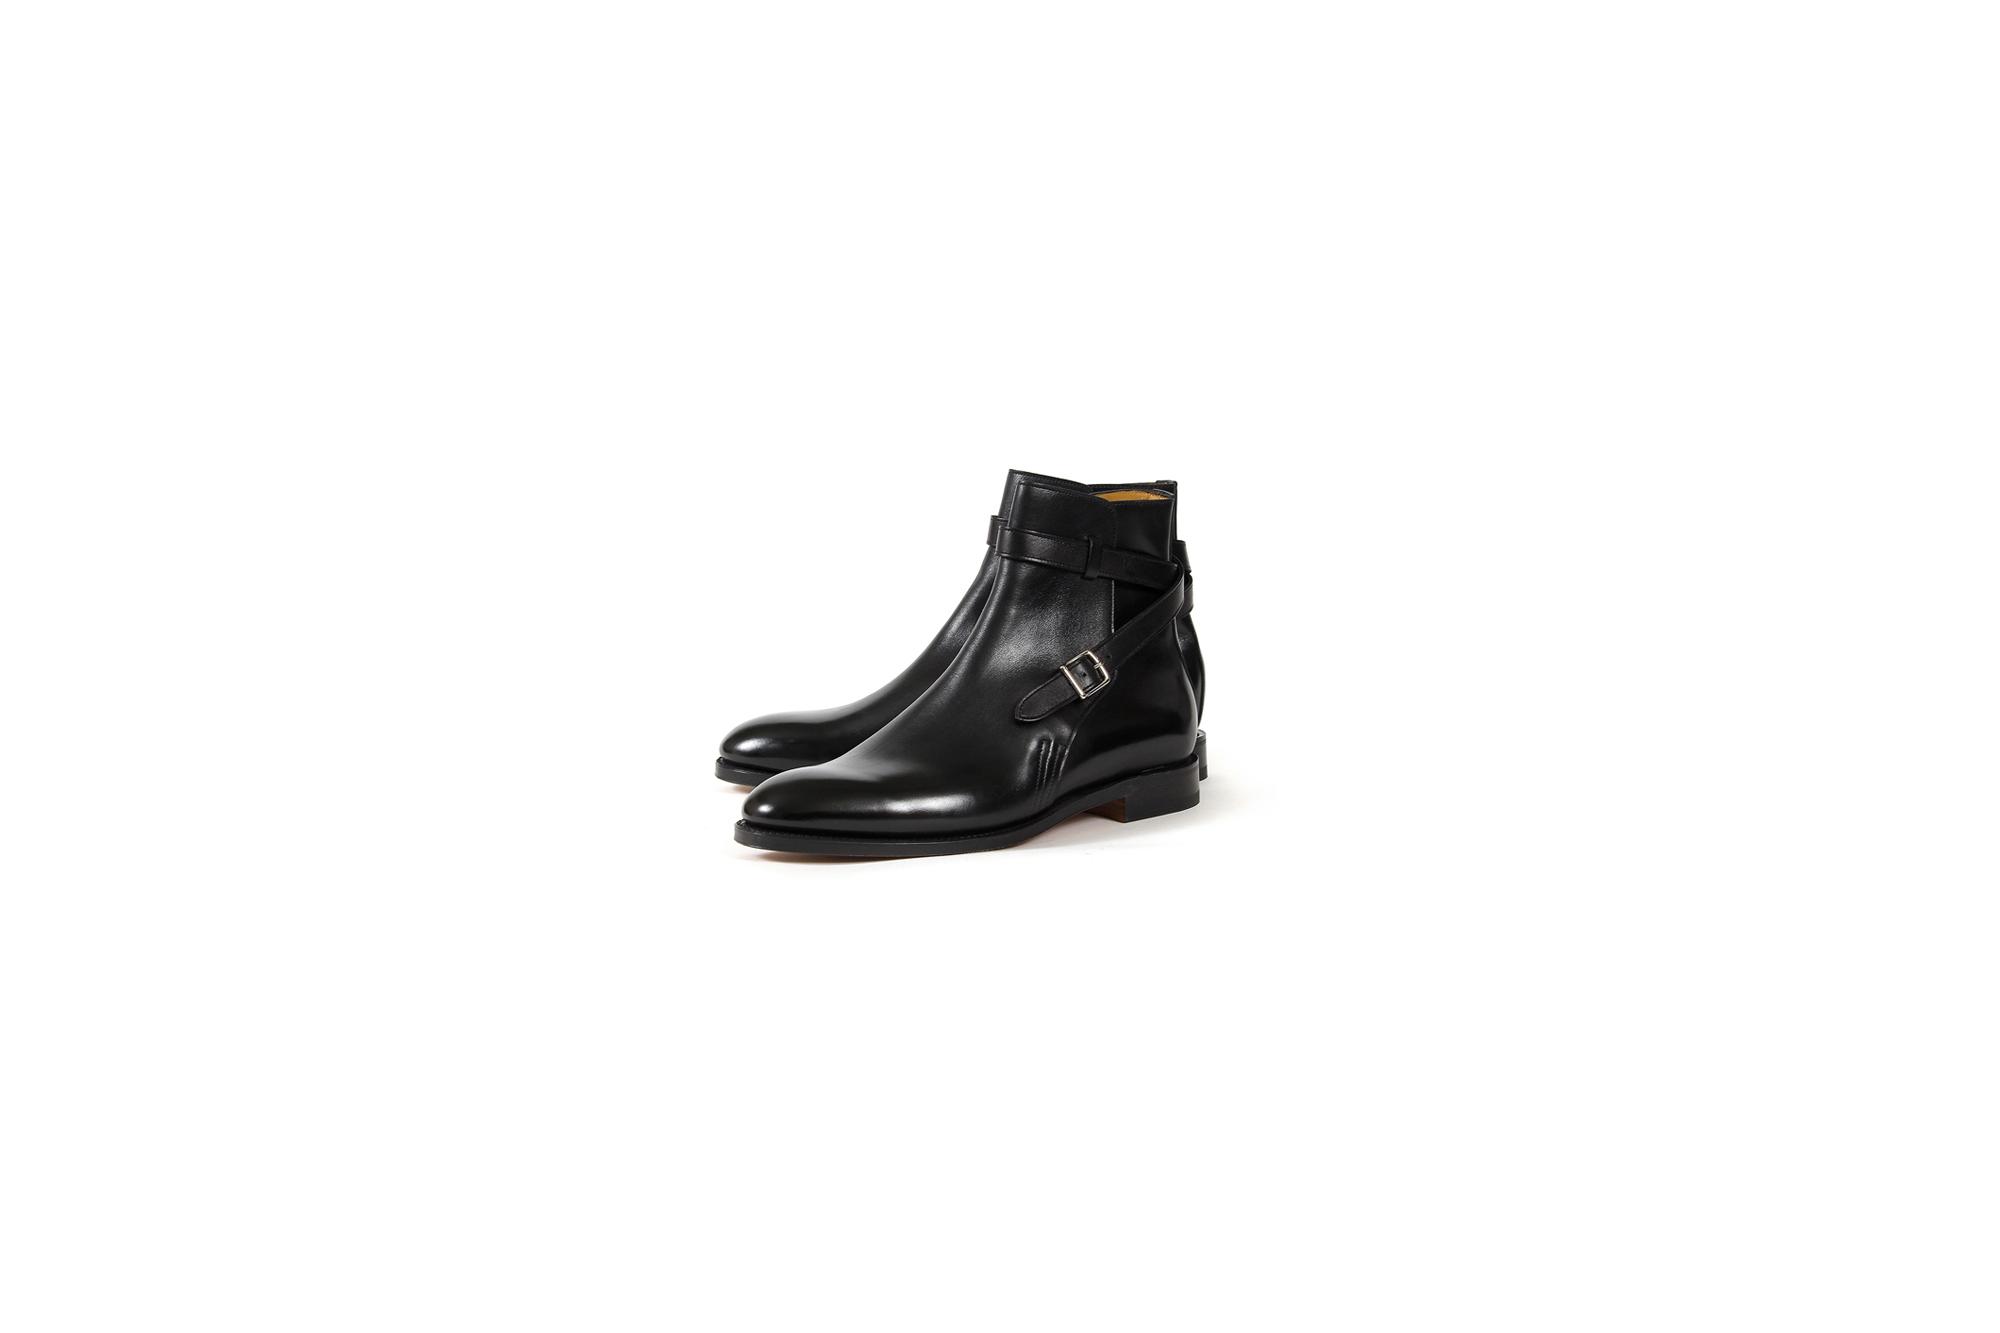 JOHN LOBB (ジョンロブ) ABBOT (アボット) 8695B Jodhpur Boots Black Calf ブラックカーフレザー ジョッパーブーツ BLACK (ブラック) Made In England (イギリス製) 2021 愛知 名古屋 Alto e Diritto altoediritto アルトエデリット ブーツ レザーブーツ johnlobbブーツ